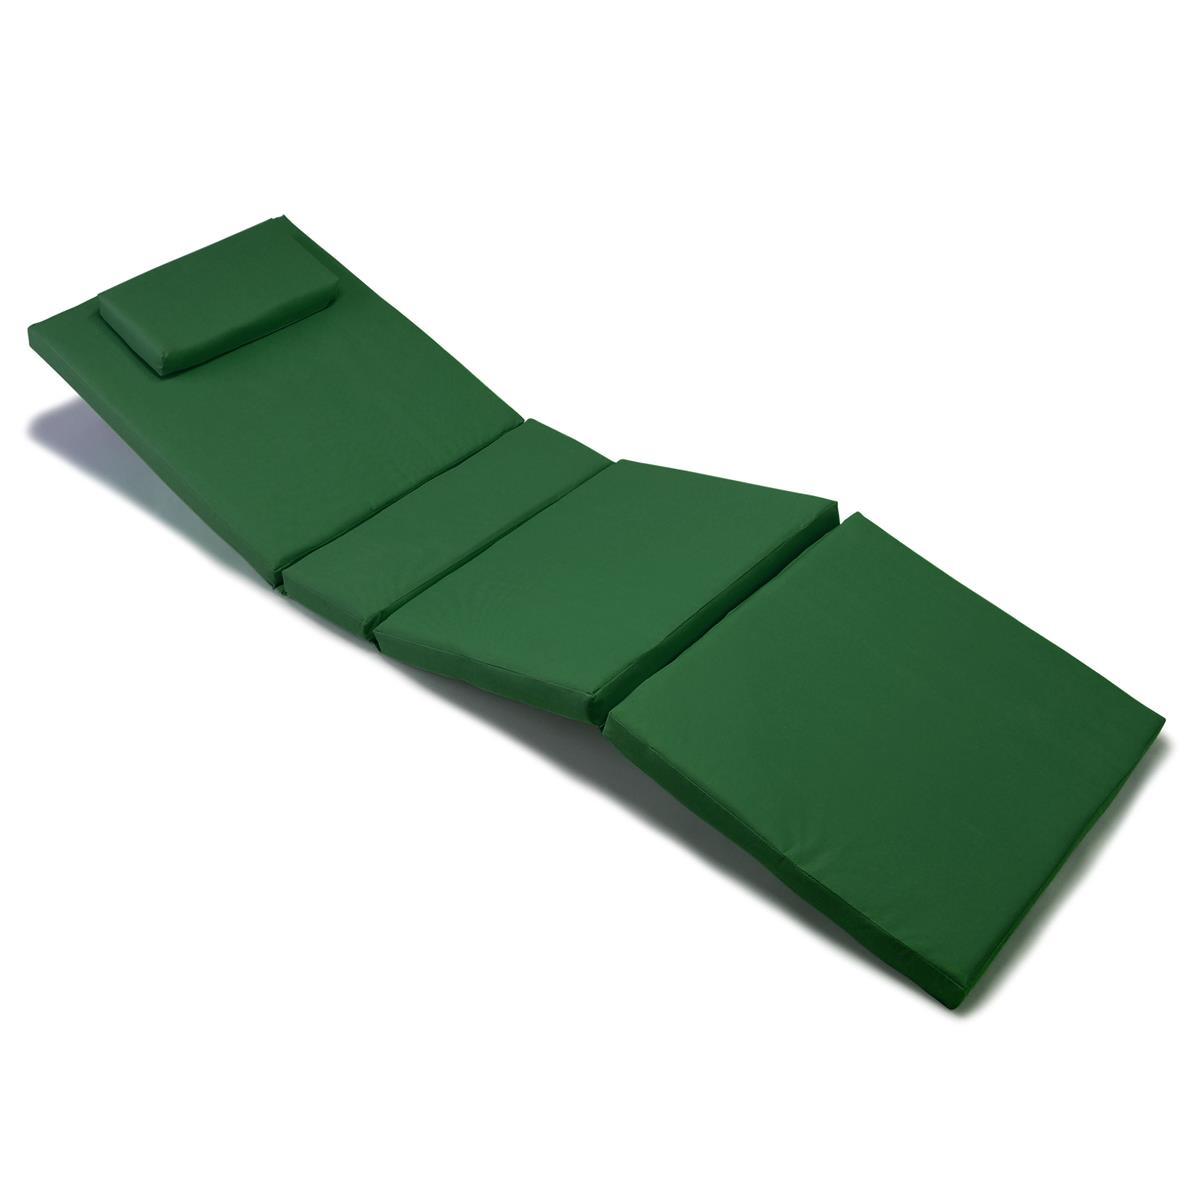 Divero Liegenauflage Polster Gartenliege 4 Segmente Kopfkissen hochwertig grün